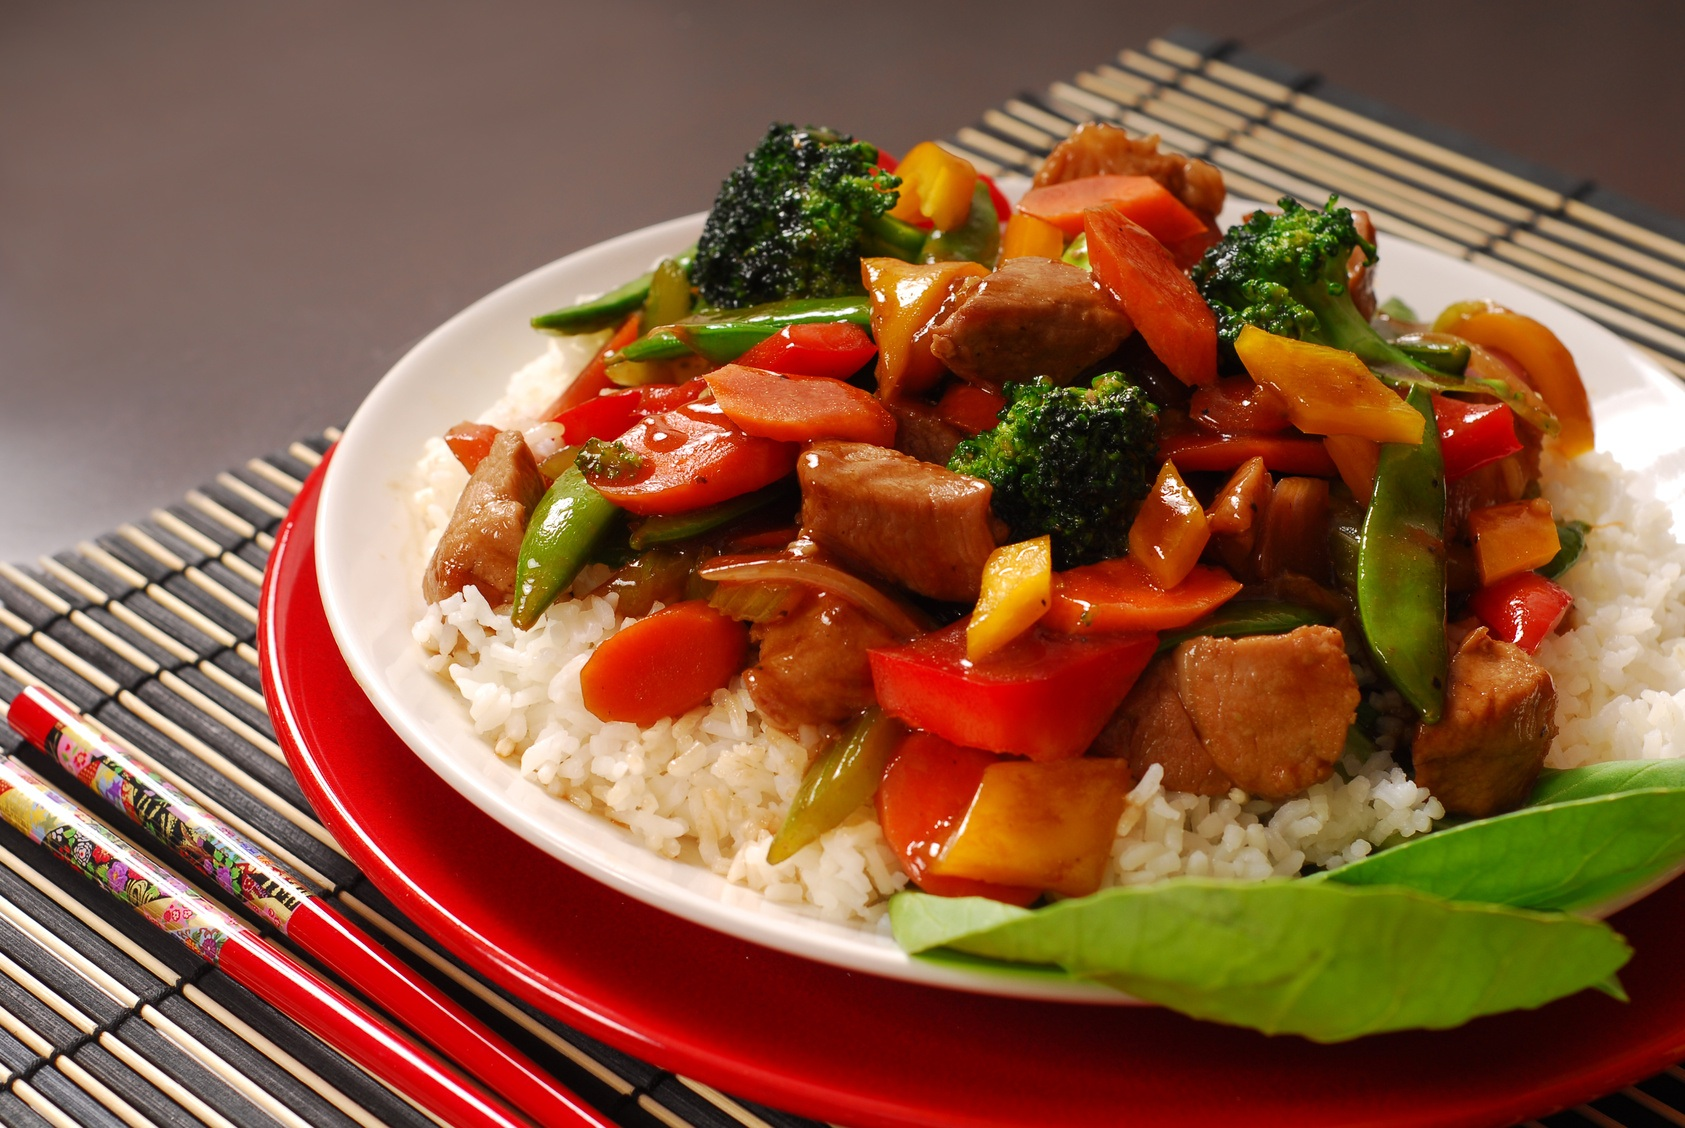 chinese-dish-blog-4-13-10-fotolia_3119789_m1